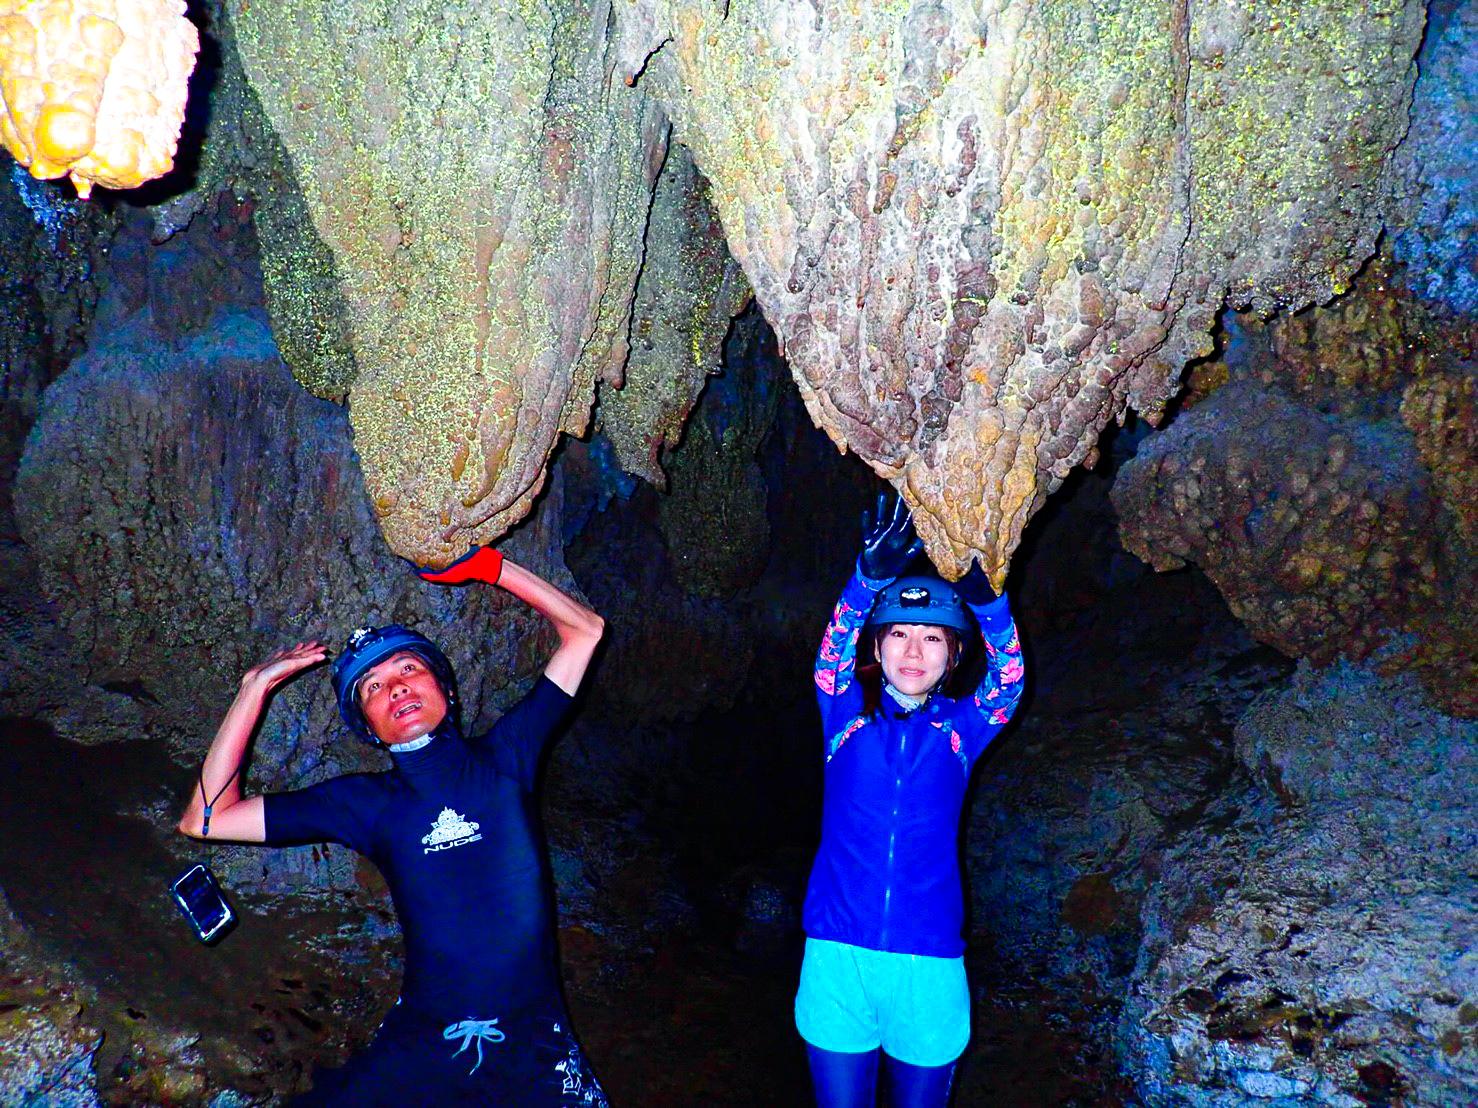 洞窟の中をケイビング中のカップル